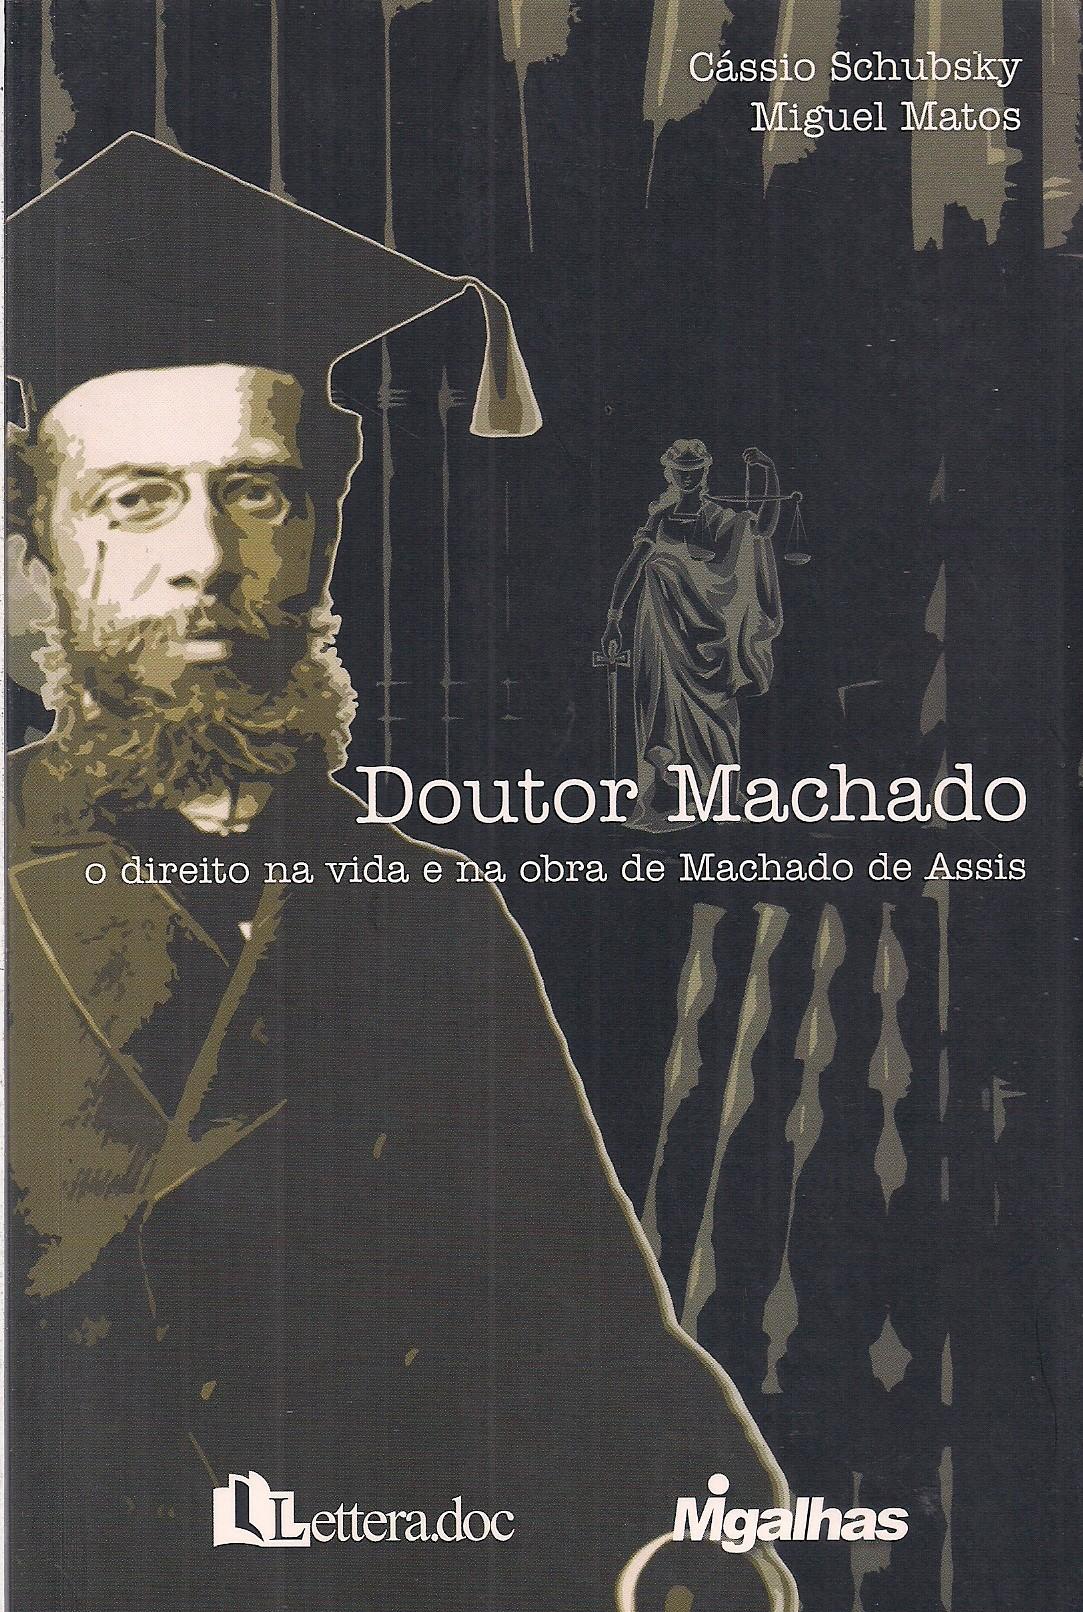 Foto 1 - Doutor Machado - O direito na vida e na obra de Machado de Assis